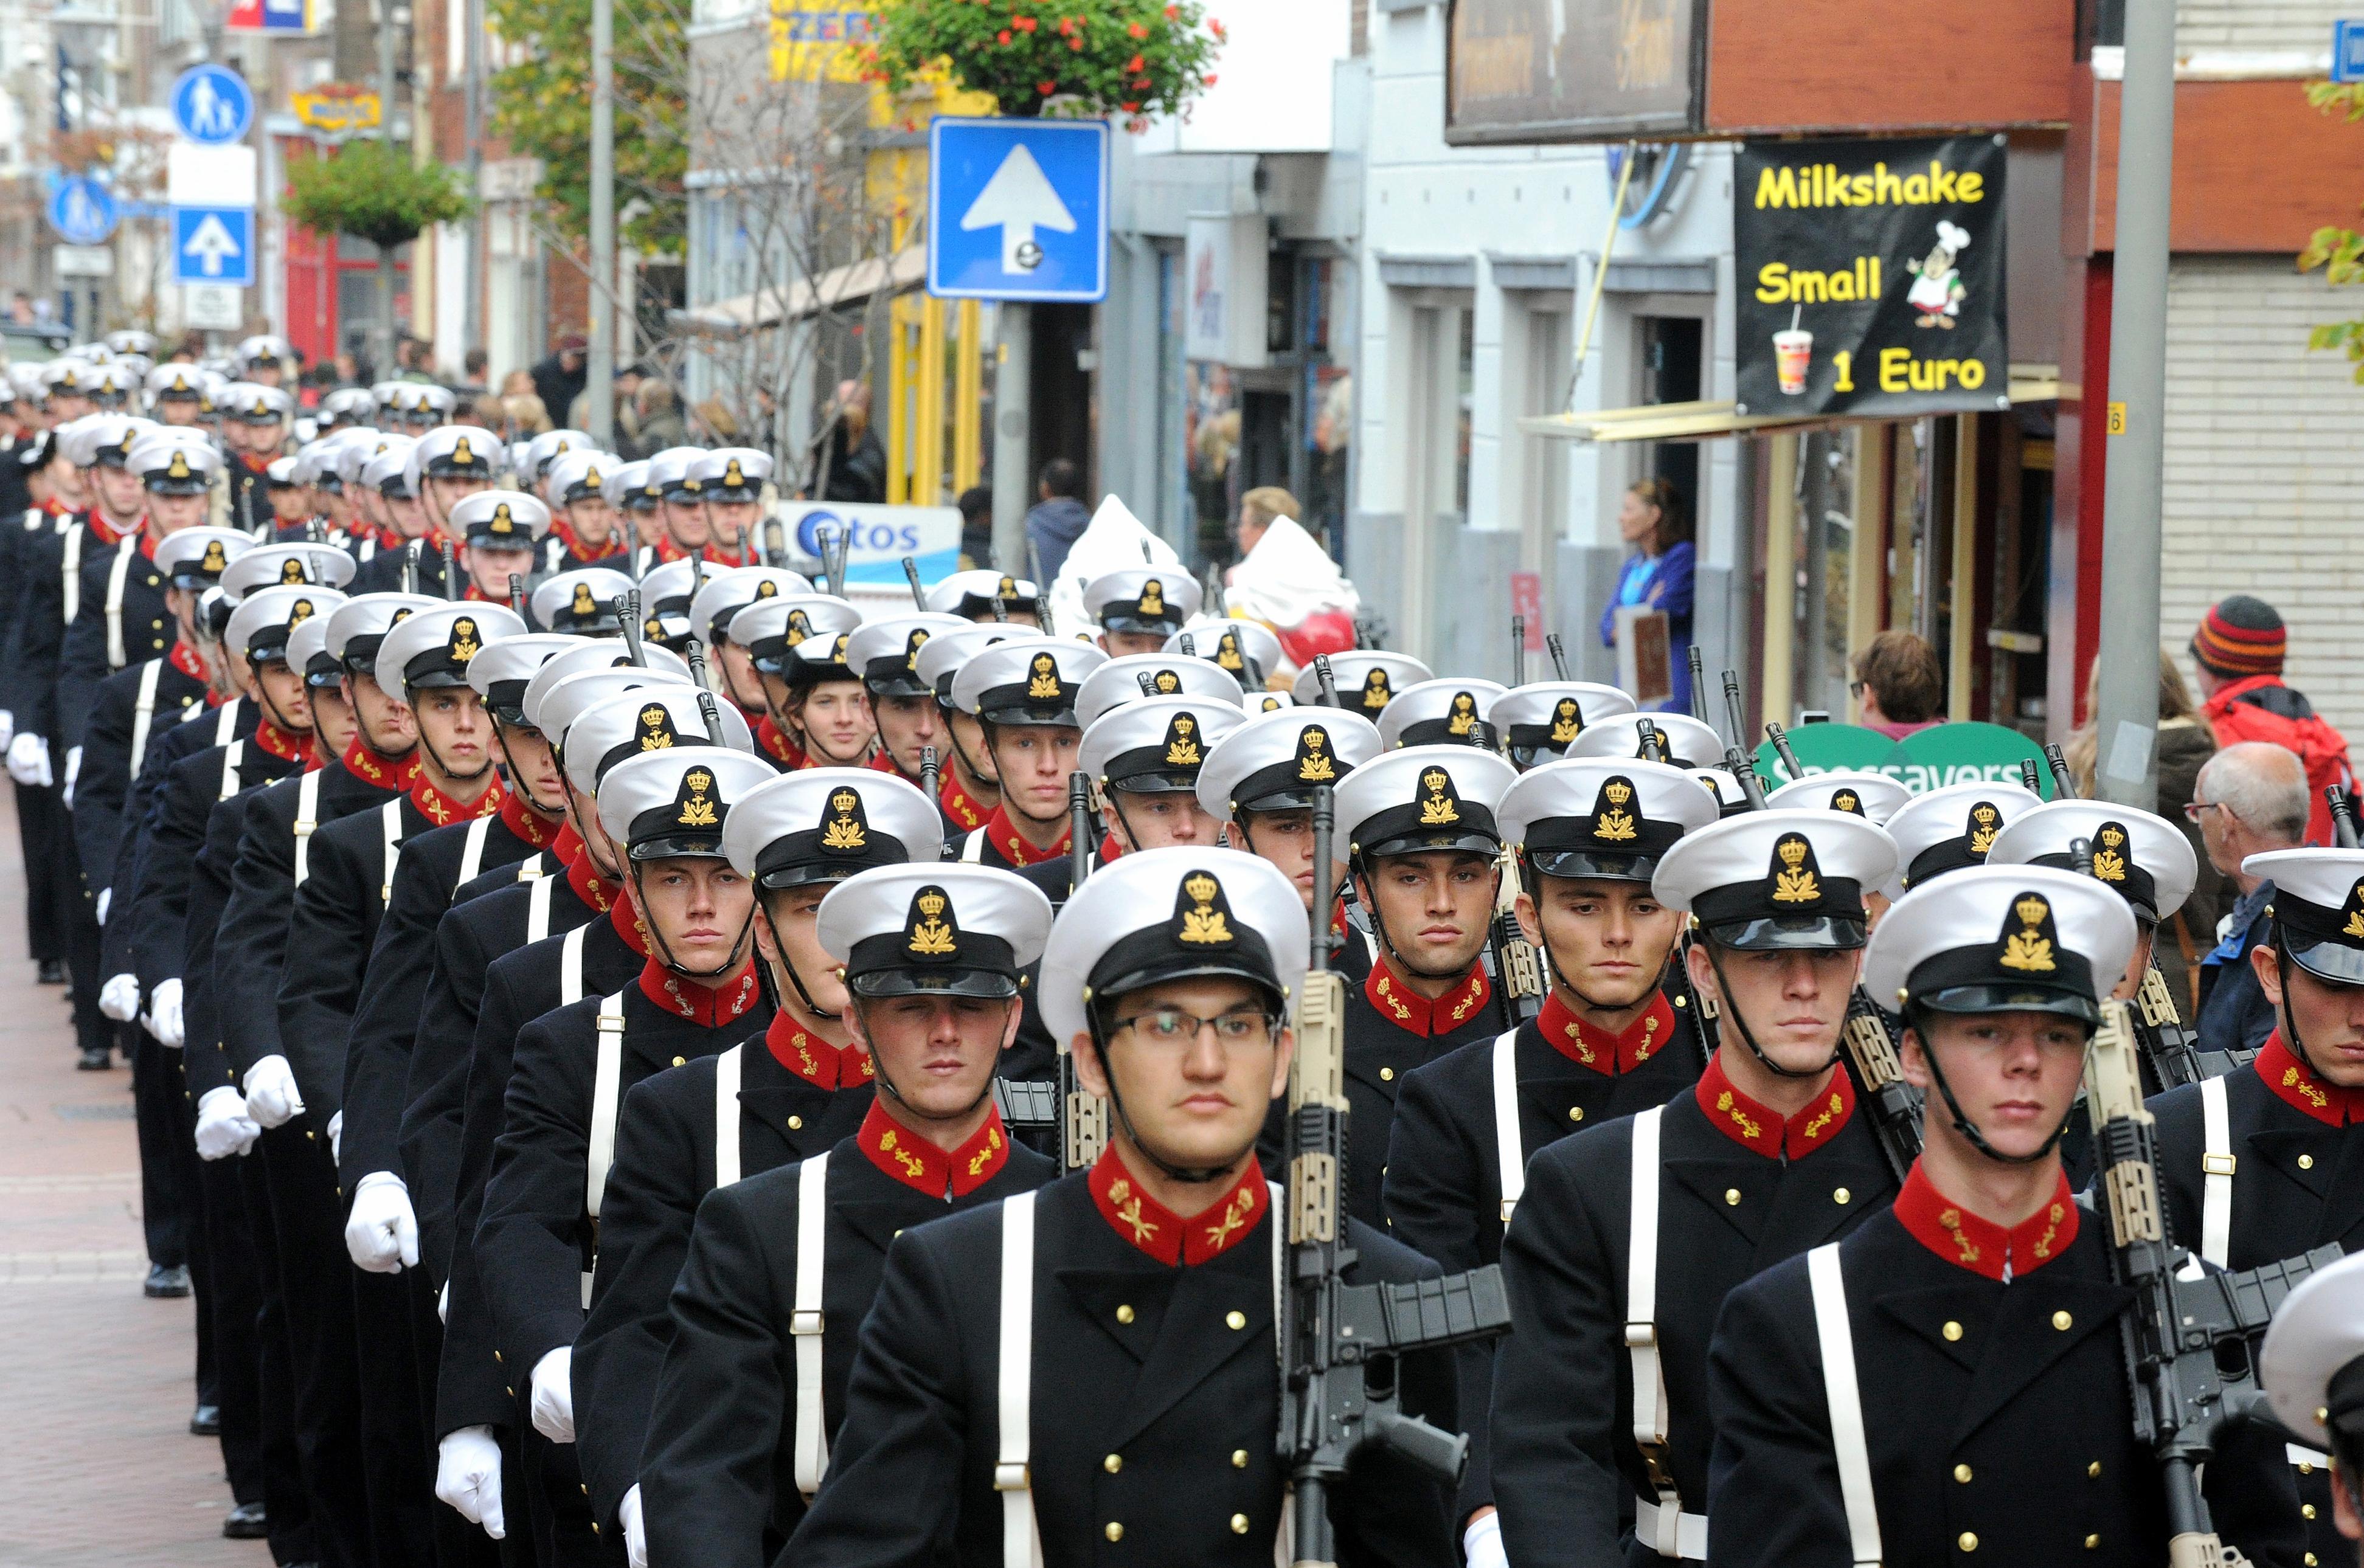 Marine voelt voor rol in Koningsbal